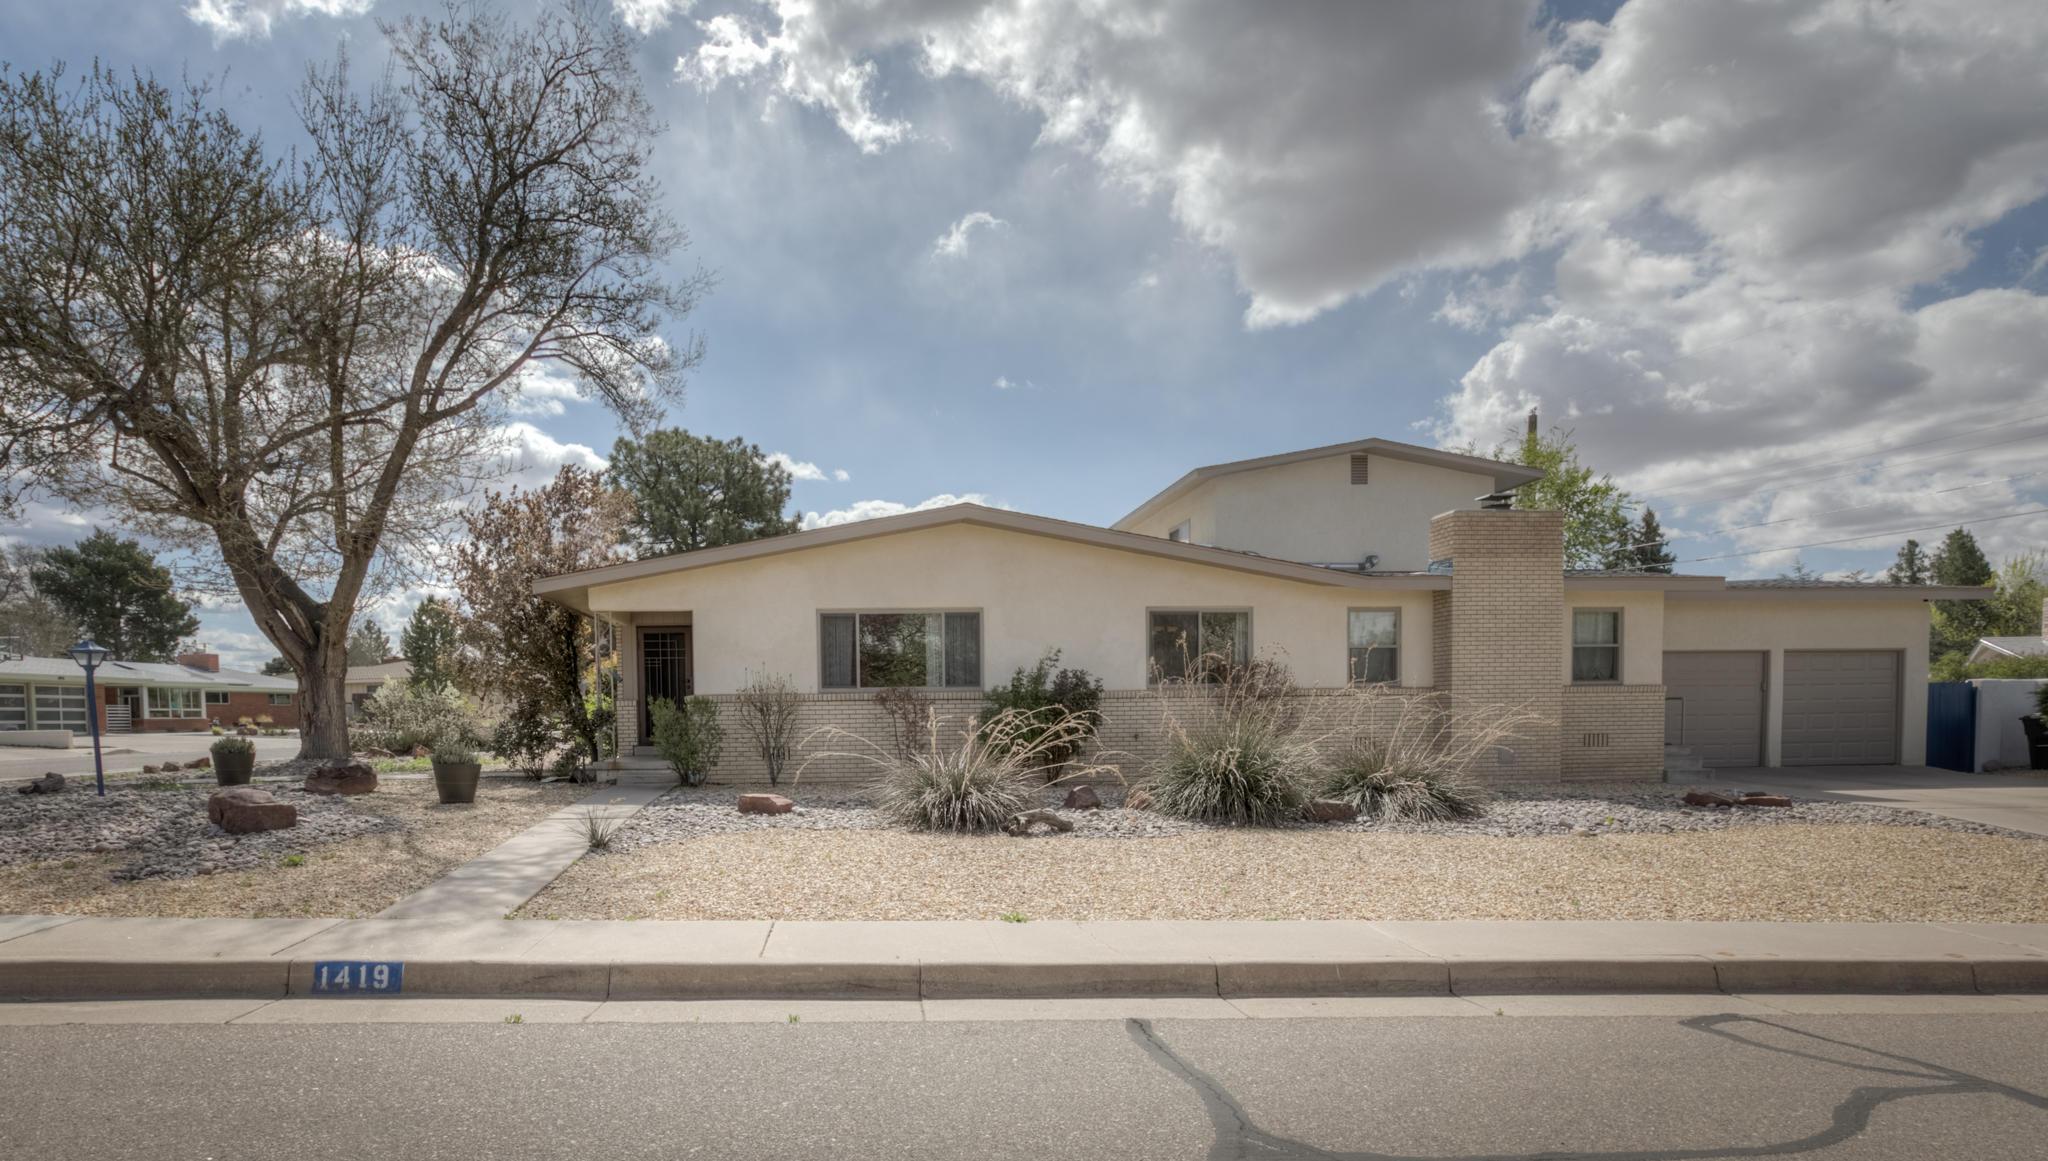 1419 CORNELL Drive, Albuquerque NM 87106